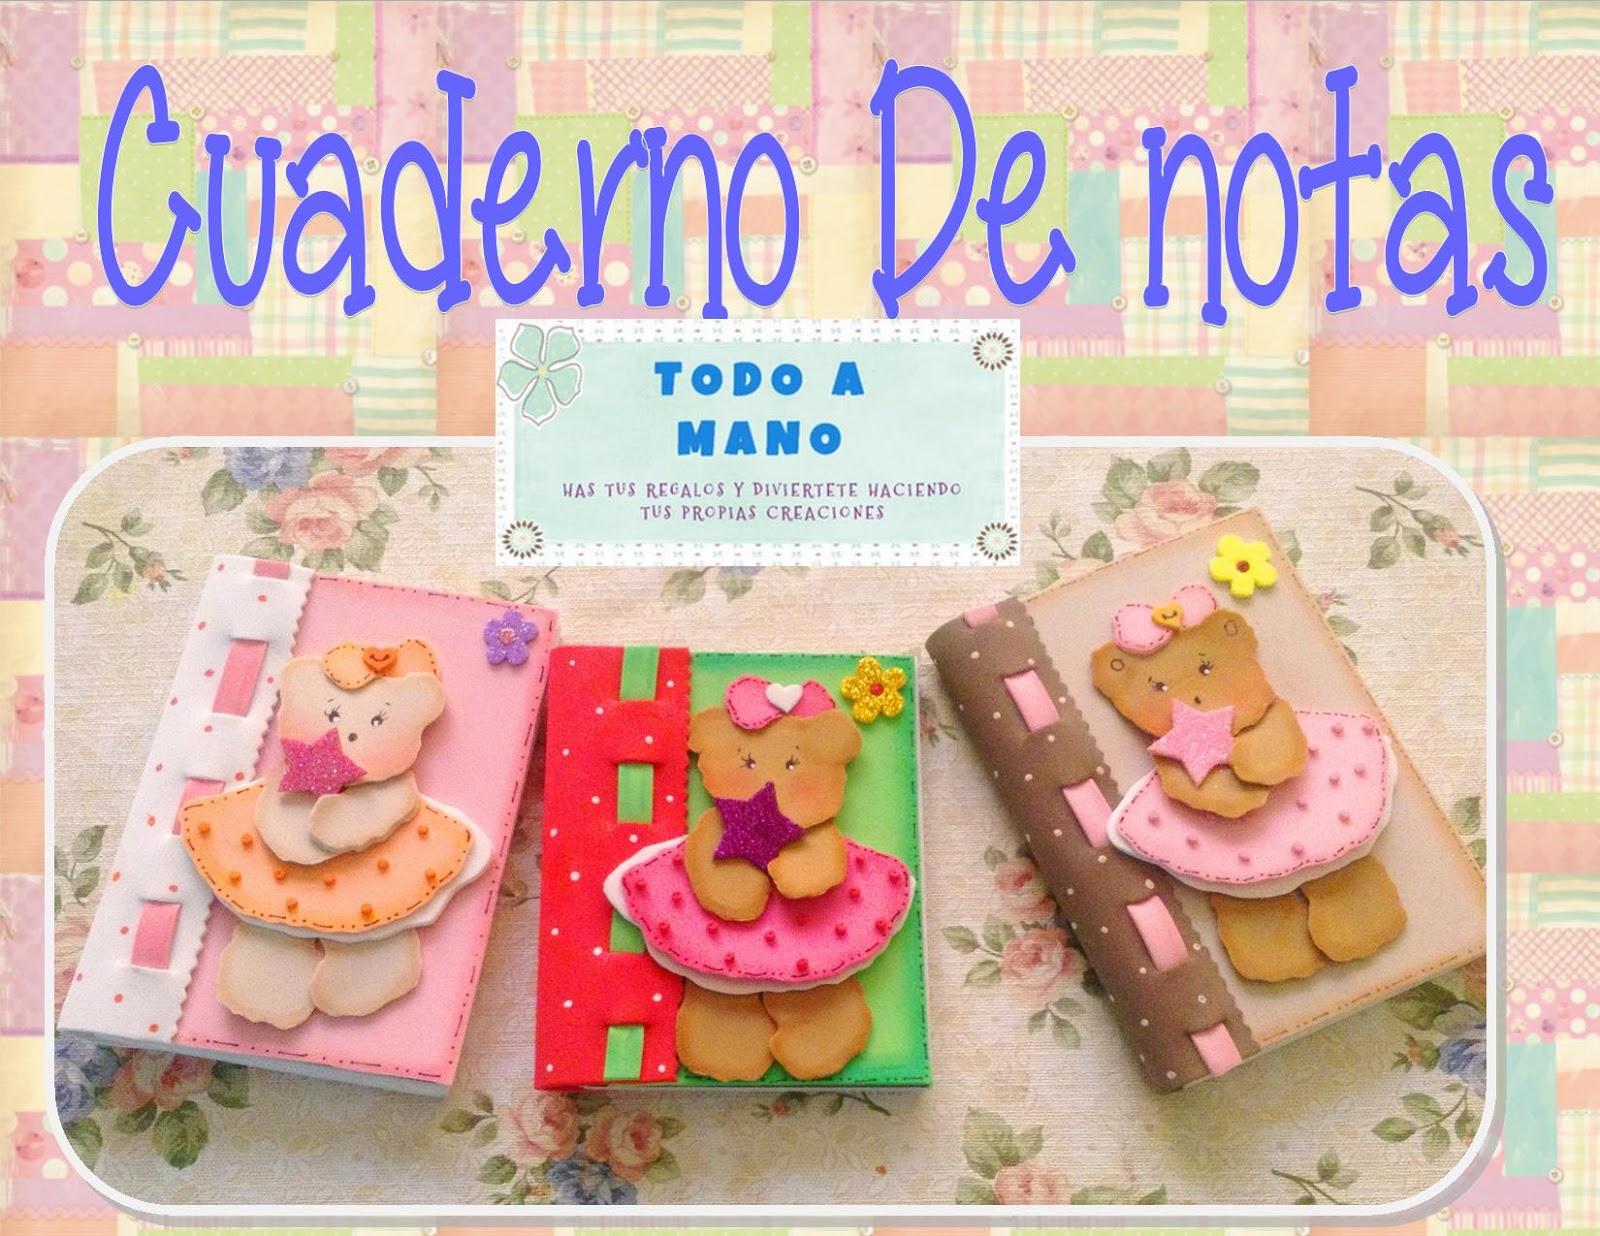 http://todoamano-veti.blogspot.com/p/cuaderno-de-notas-osita.html